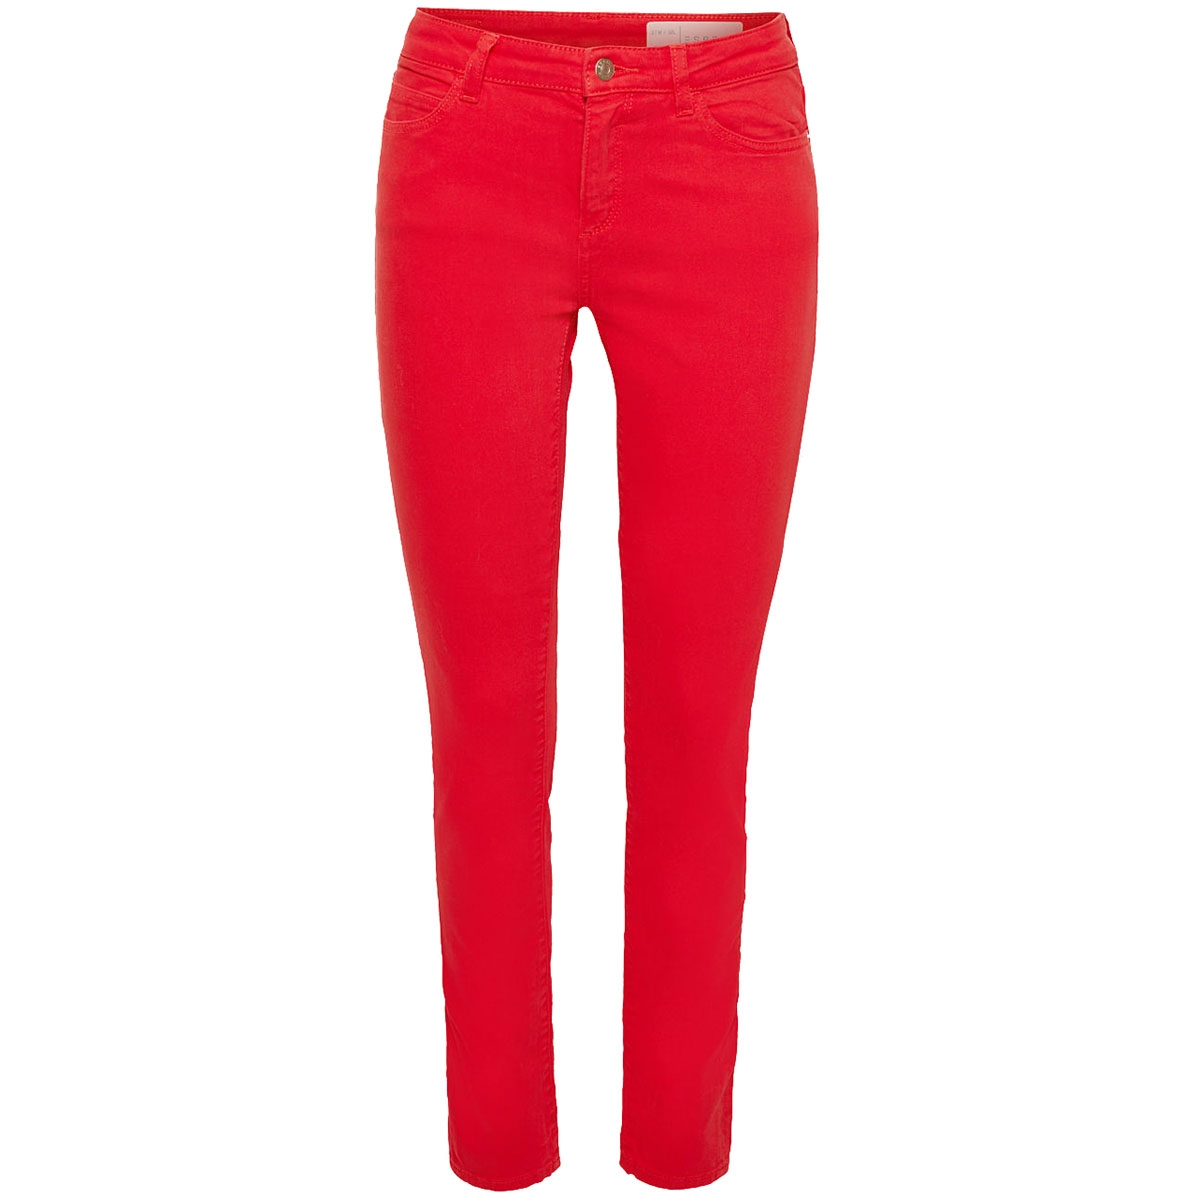 029ee1b024 esprit jeans e630